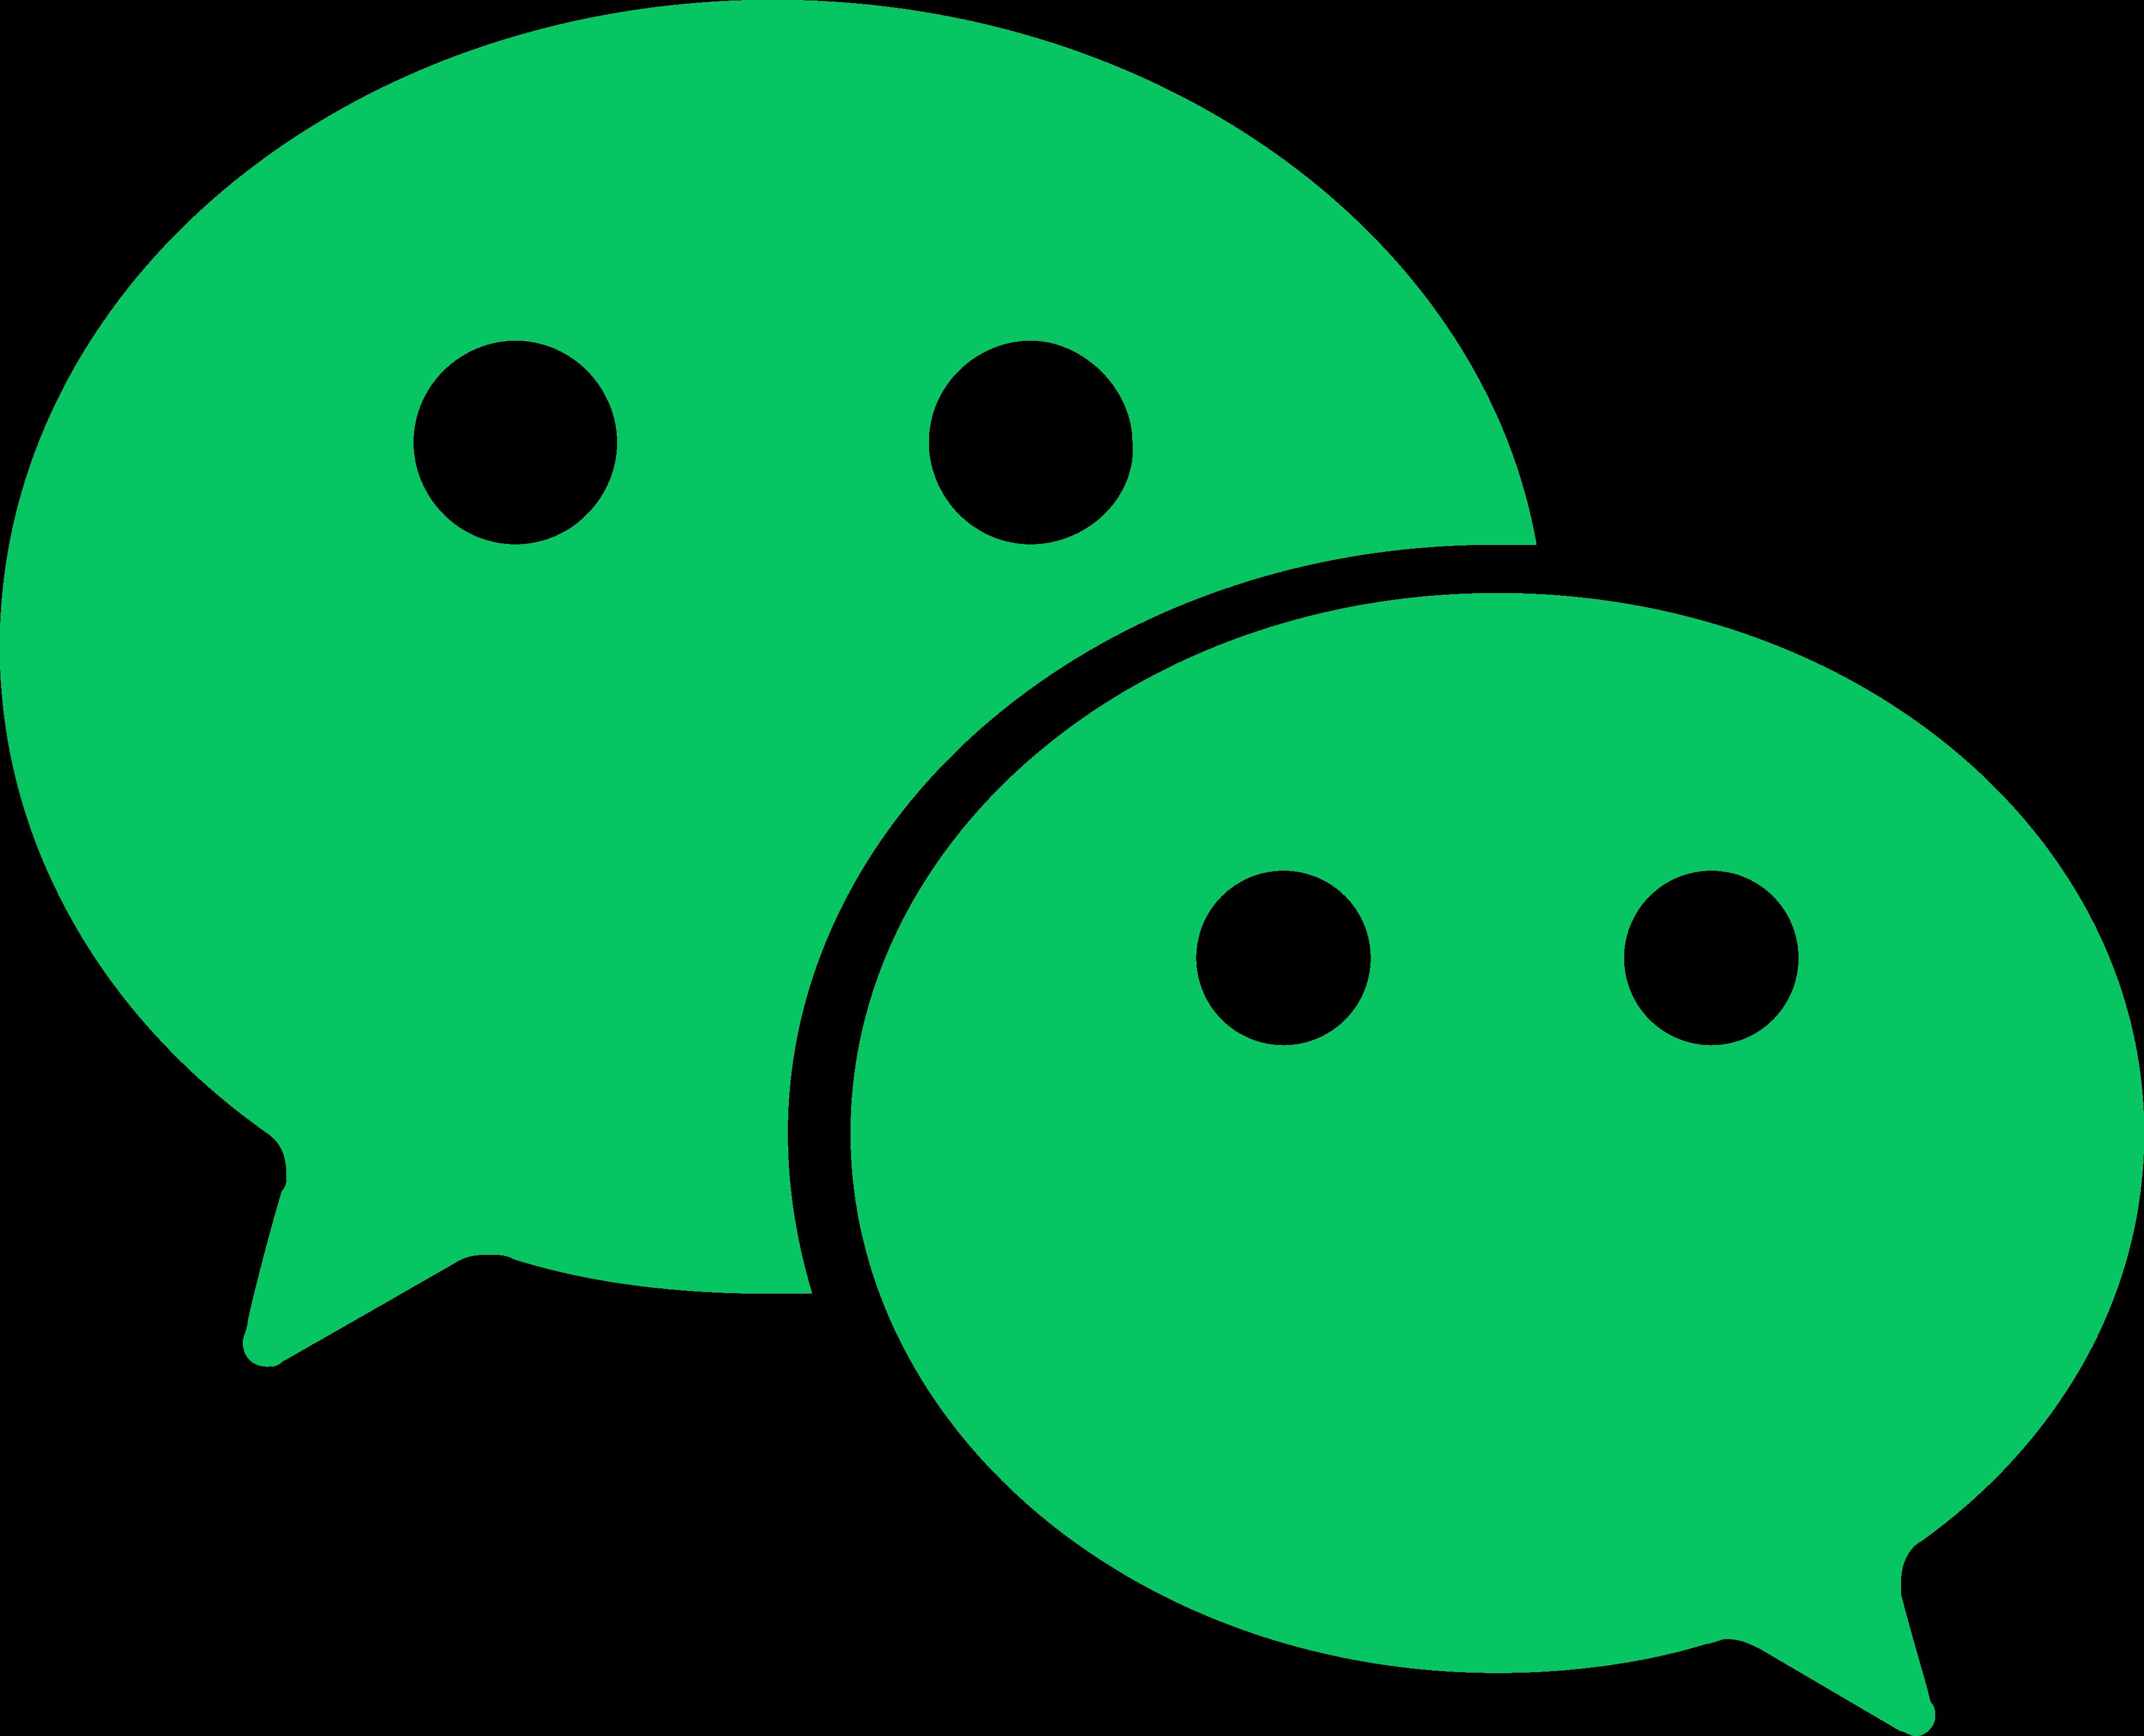 wechat logo 01 - WeChat Logo